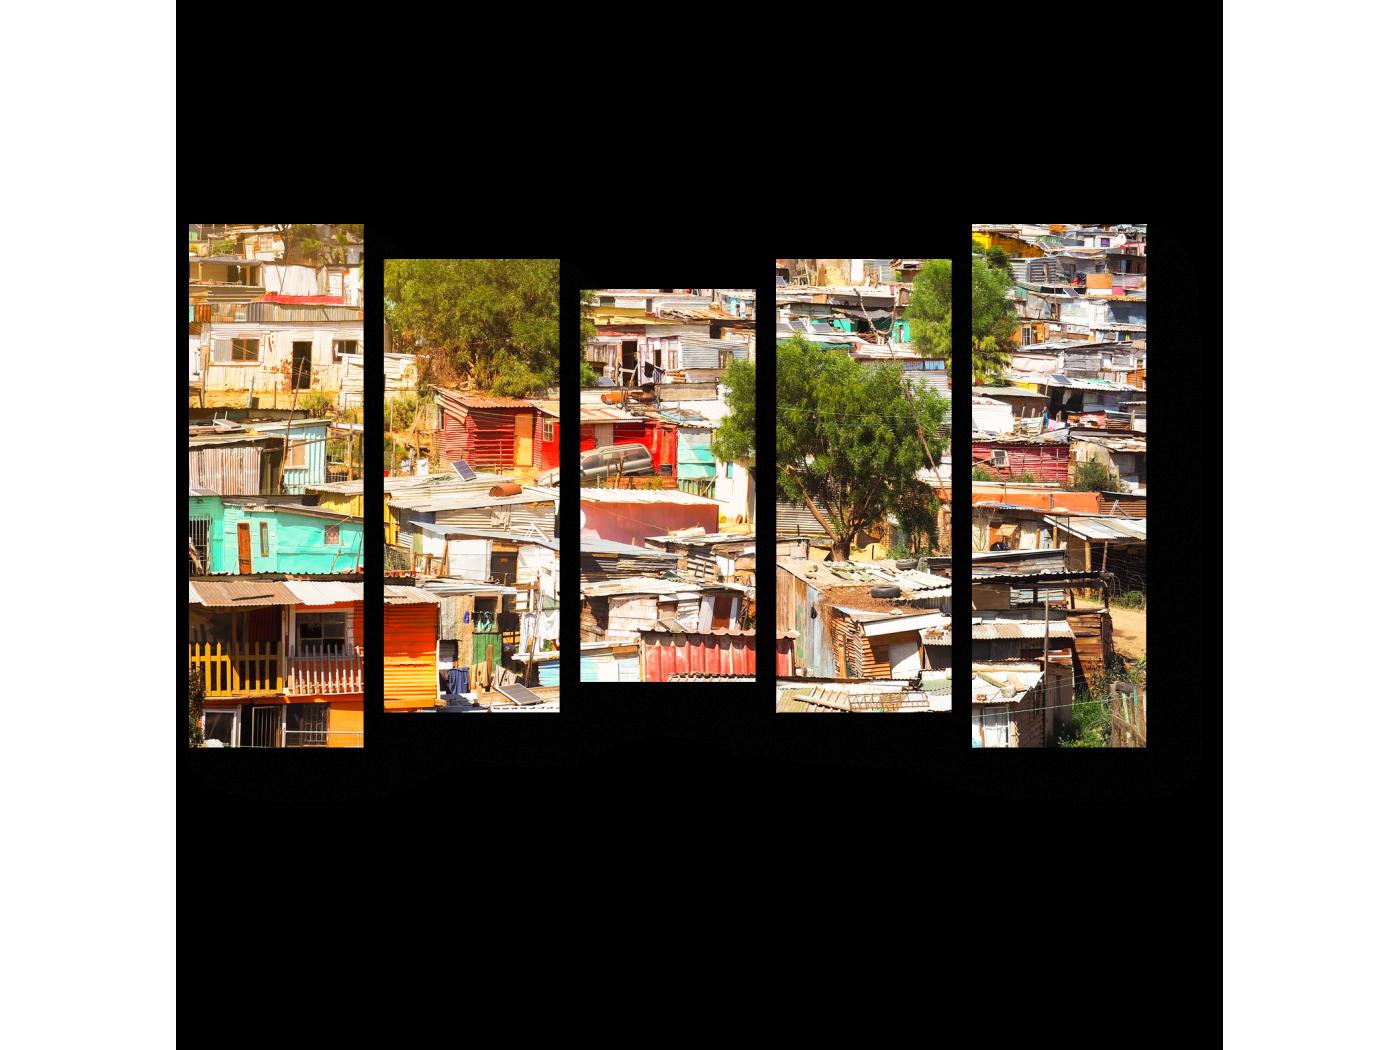 Модульная картина Необычный взгляд на город (90x54) фото